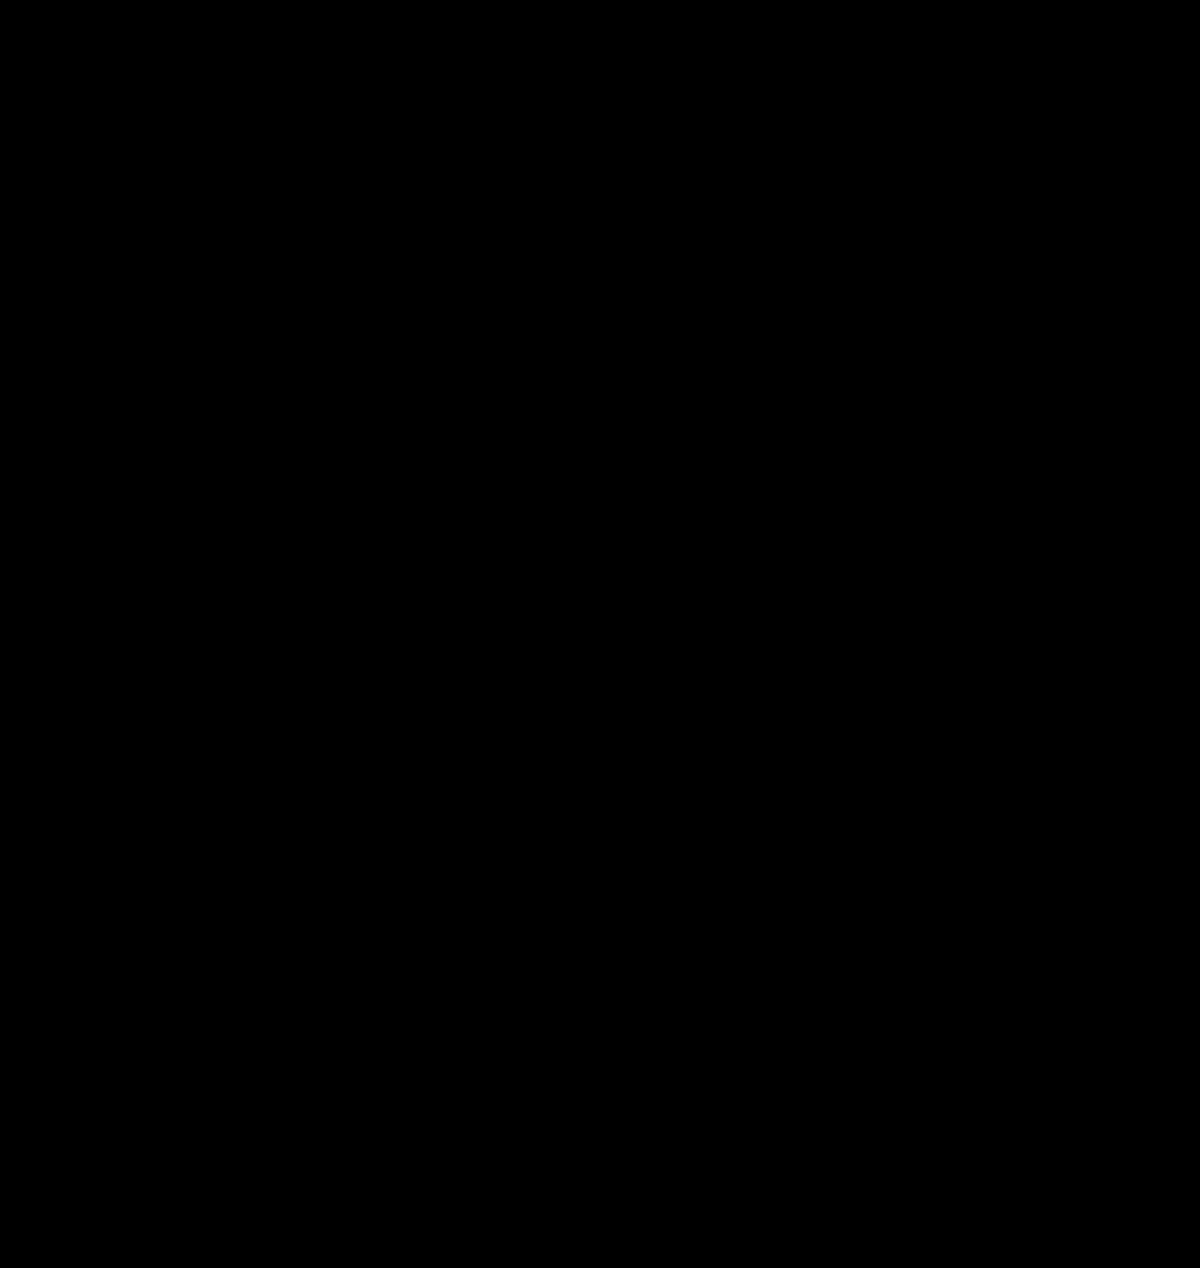 Symbol PAO: co znamená otevřený kelímek s číslicí na kosmetice?